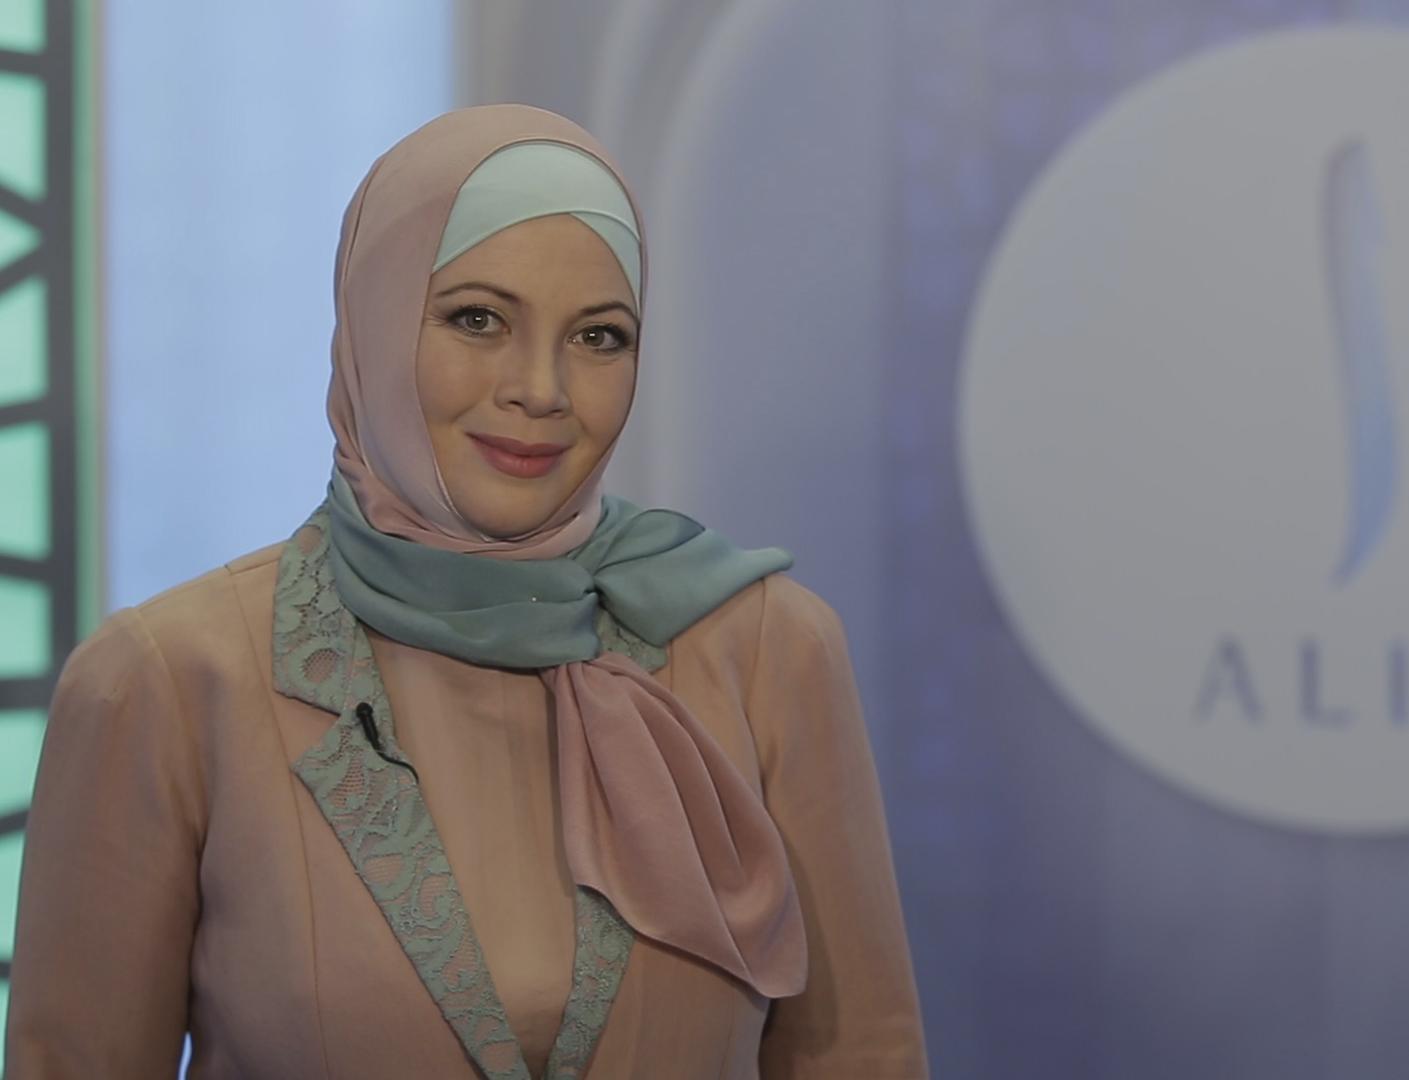 Мусульманкам положен секс